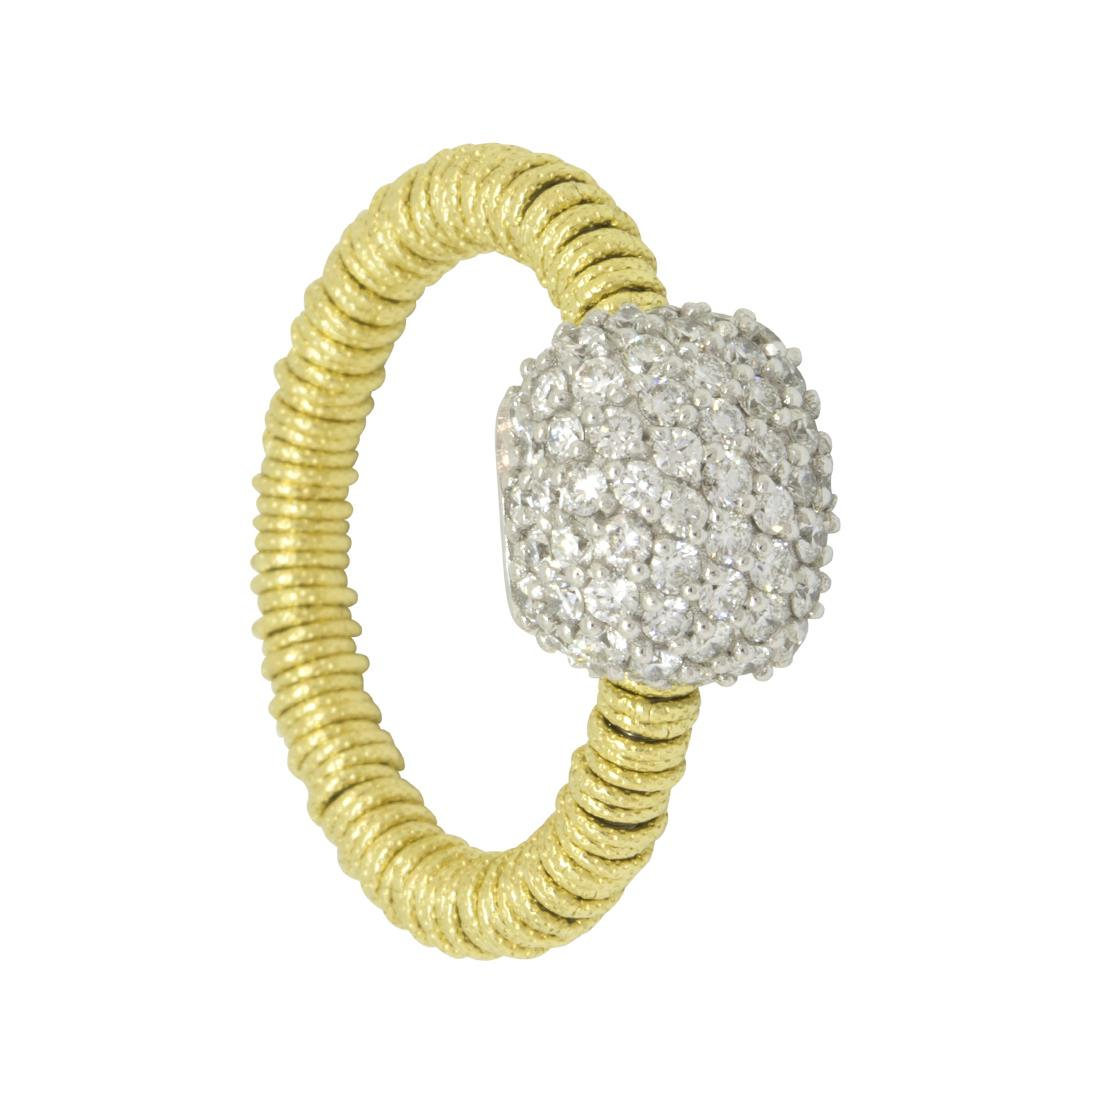 Anello in oro giallo con diamanti - ROBERTO DEMEGLIO